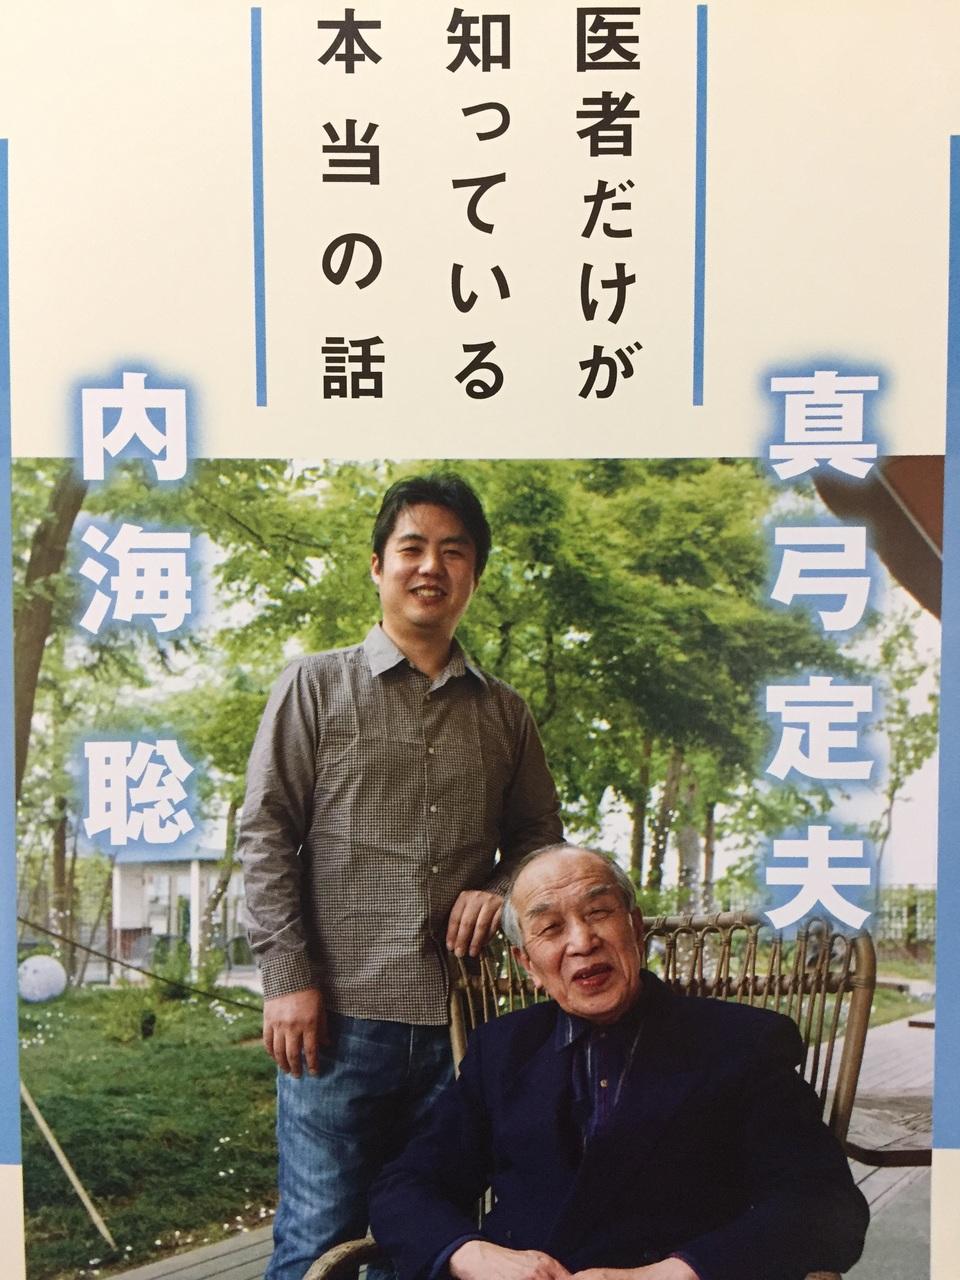 6/3開催! 医療とうまく付き合うための DVD上映会